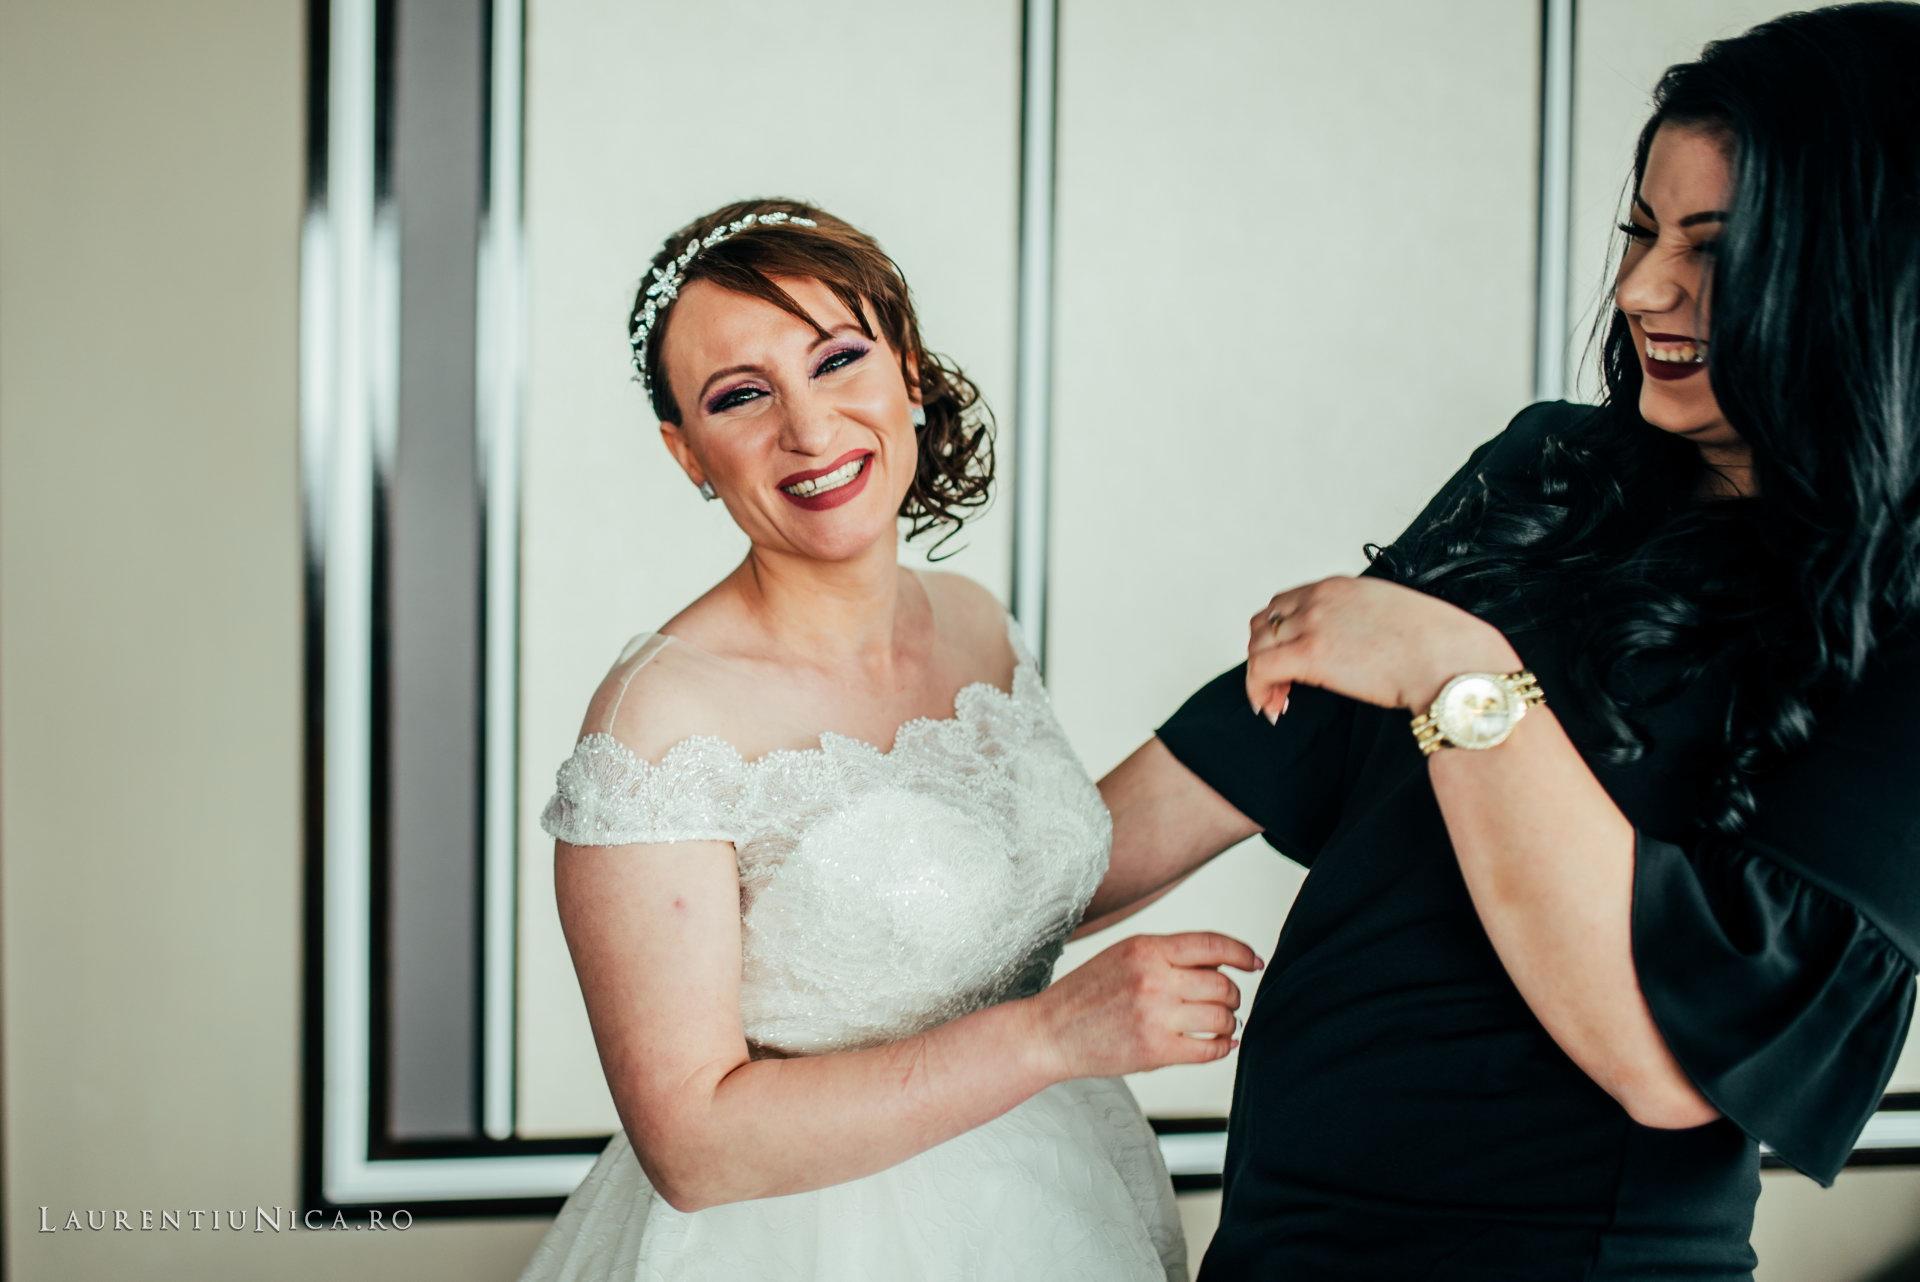 daniela si marius fotografii nunta craiova laurentiu nica08 - Daniela & Marius | Fotografii nunta